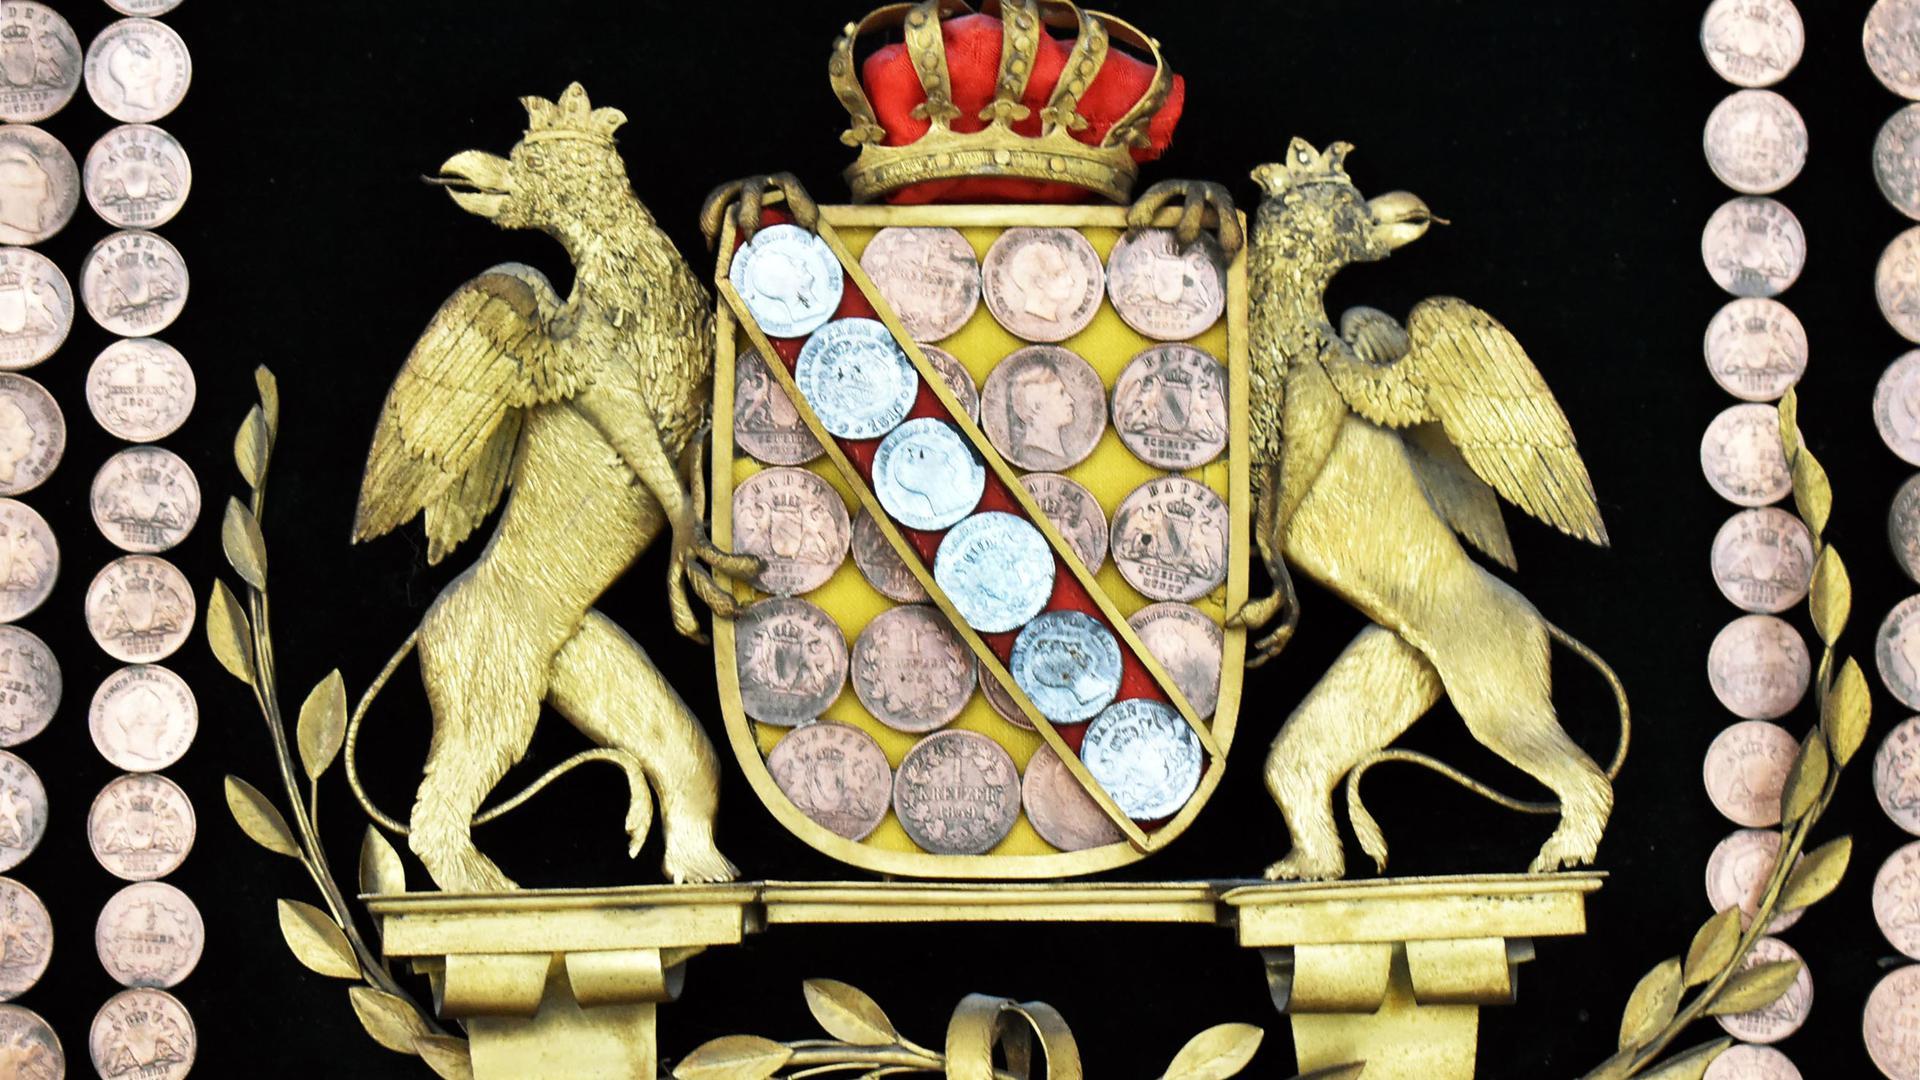 Krone, Greifen, Schild und Lorbeer: Ausschnitt aus einem rund 100 Jahre alten Münzbild, das der Bühler Apotheker Wilhelm Ewald angefertigt hatte.